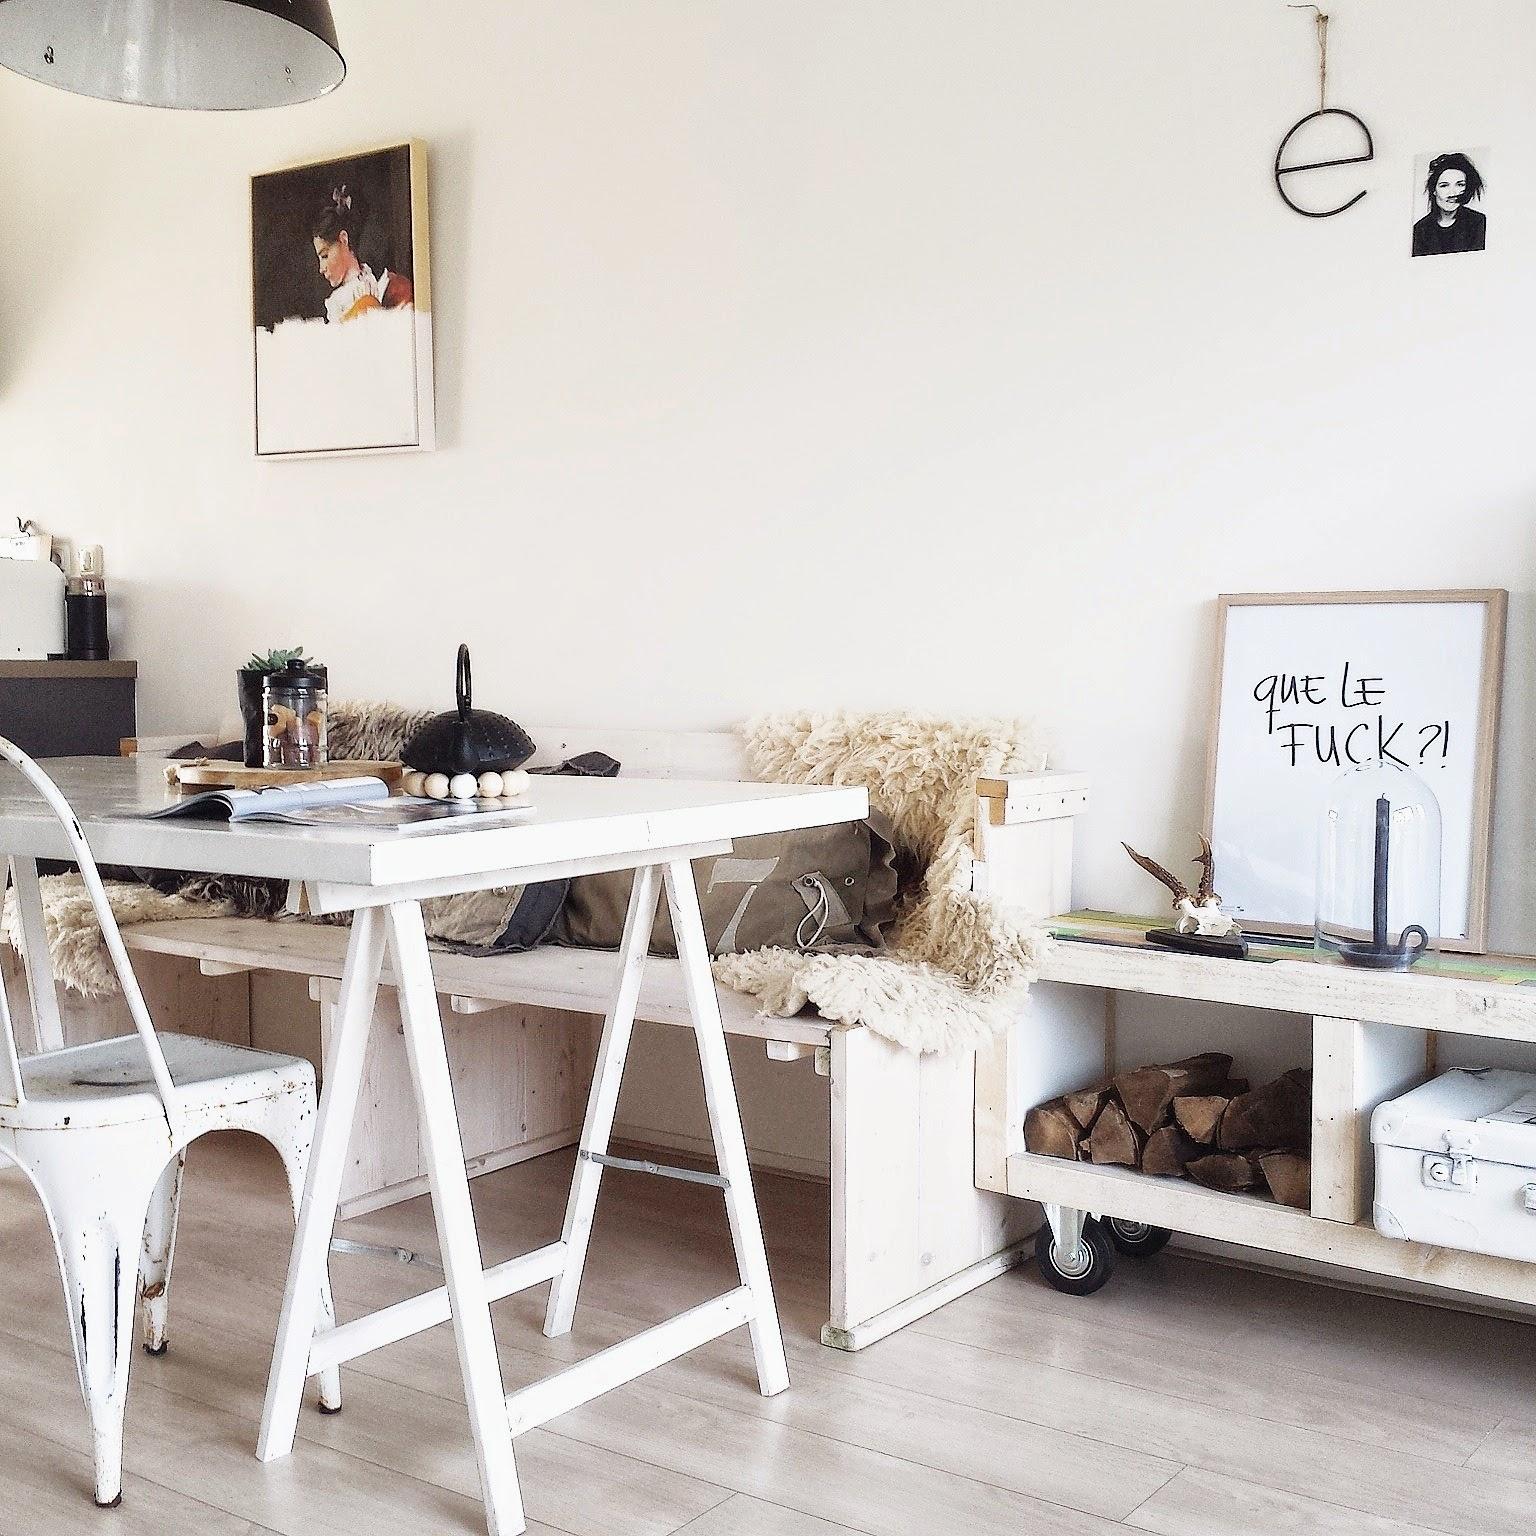 Marieke rusticus styling eigen huis en tuin op bezoek for Opklapbed eigen huis en tuin